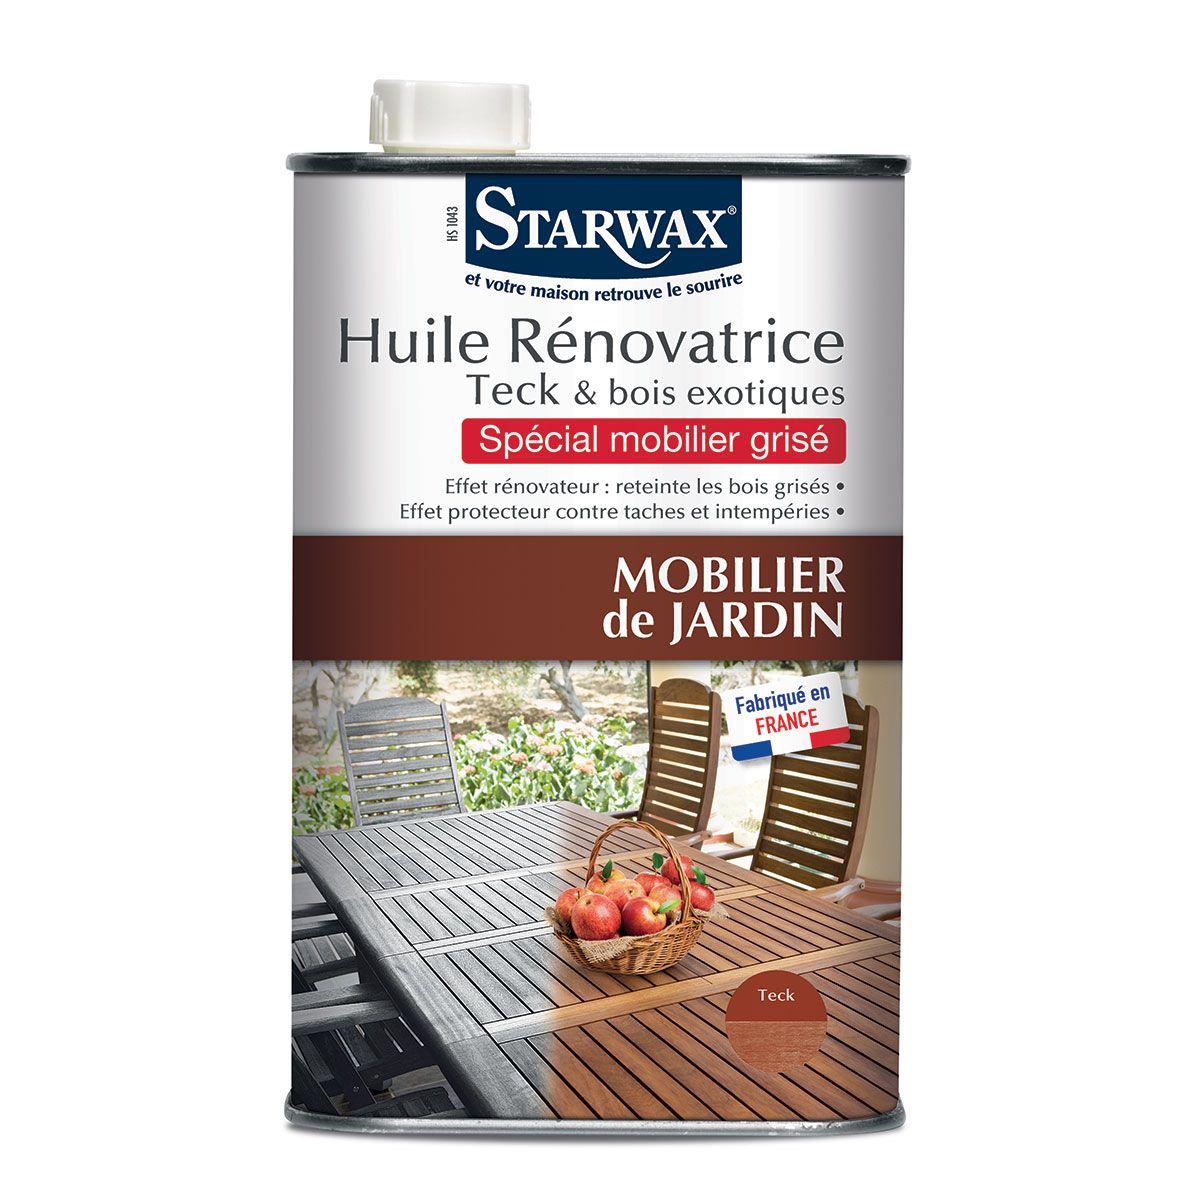 Huile rénovatrice pour teck et bois exotiques - Starwax